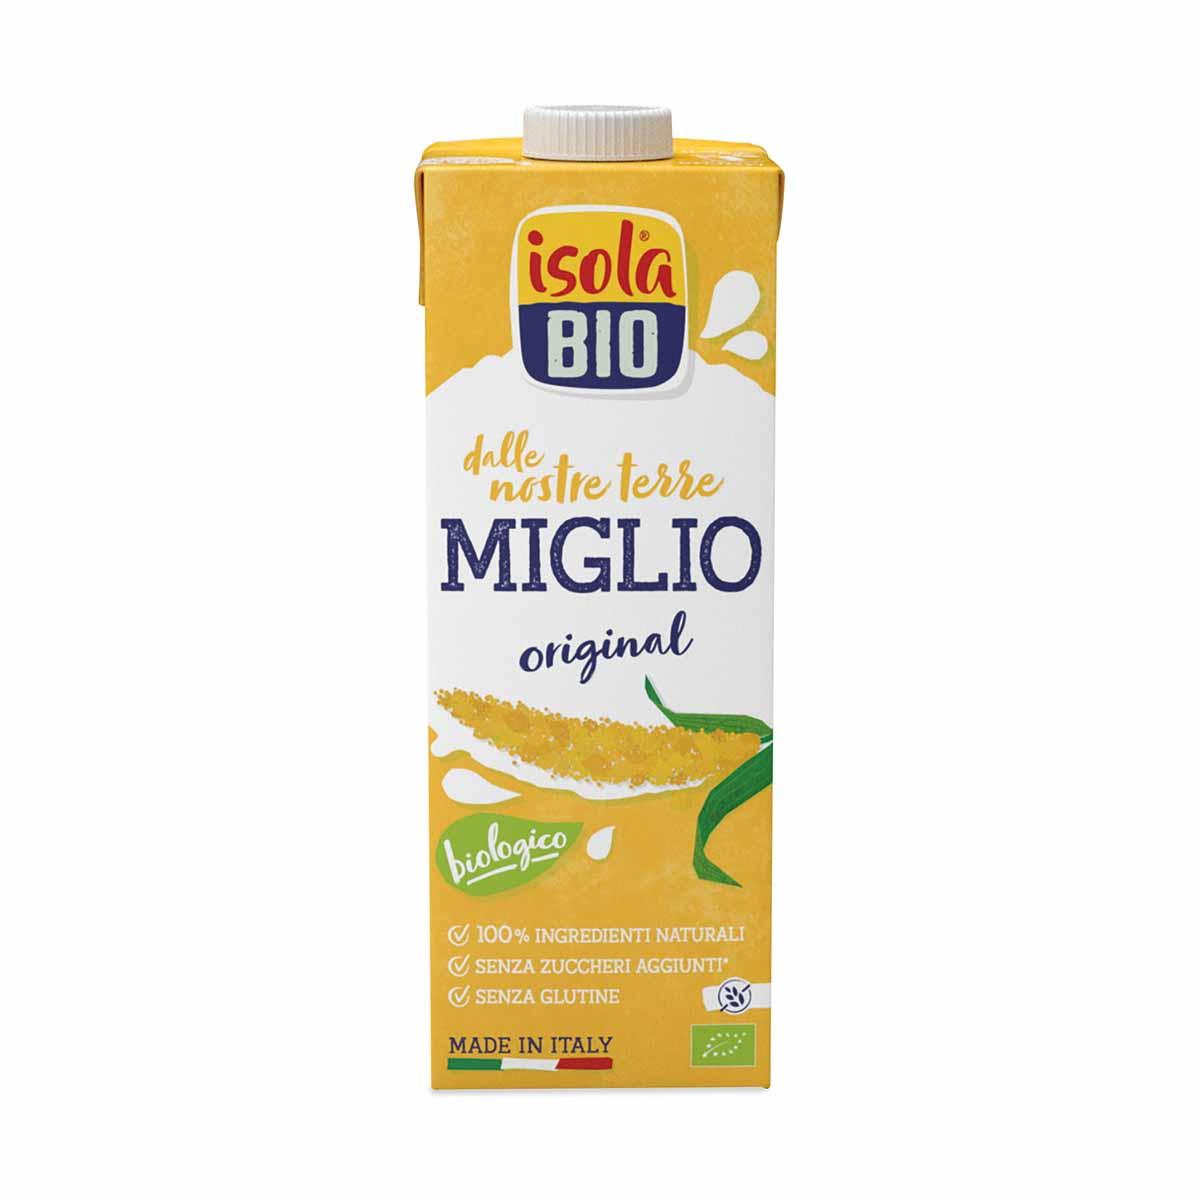 Isola bio Miglio drink